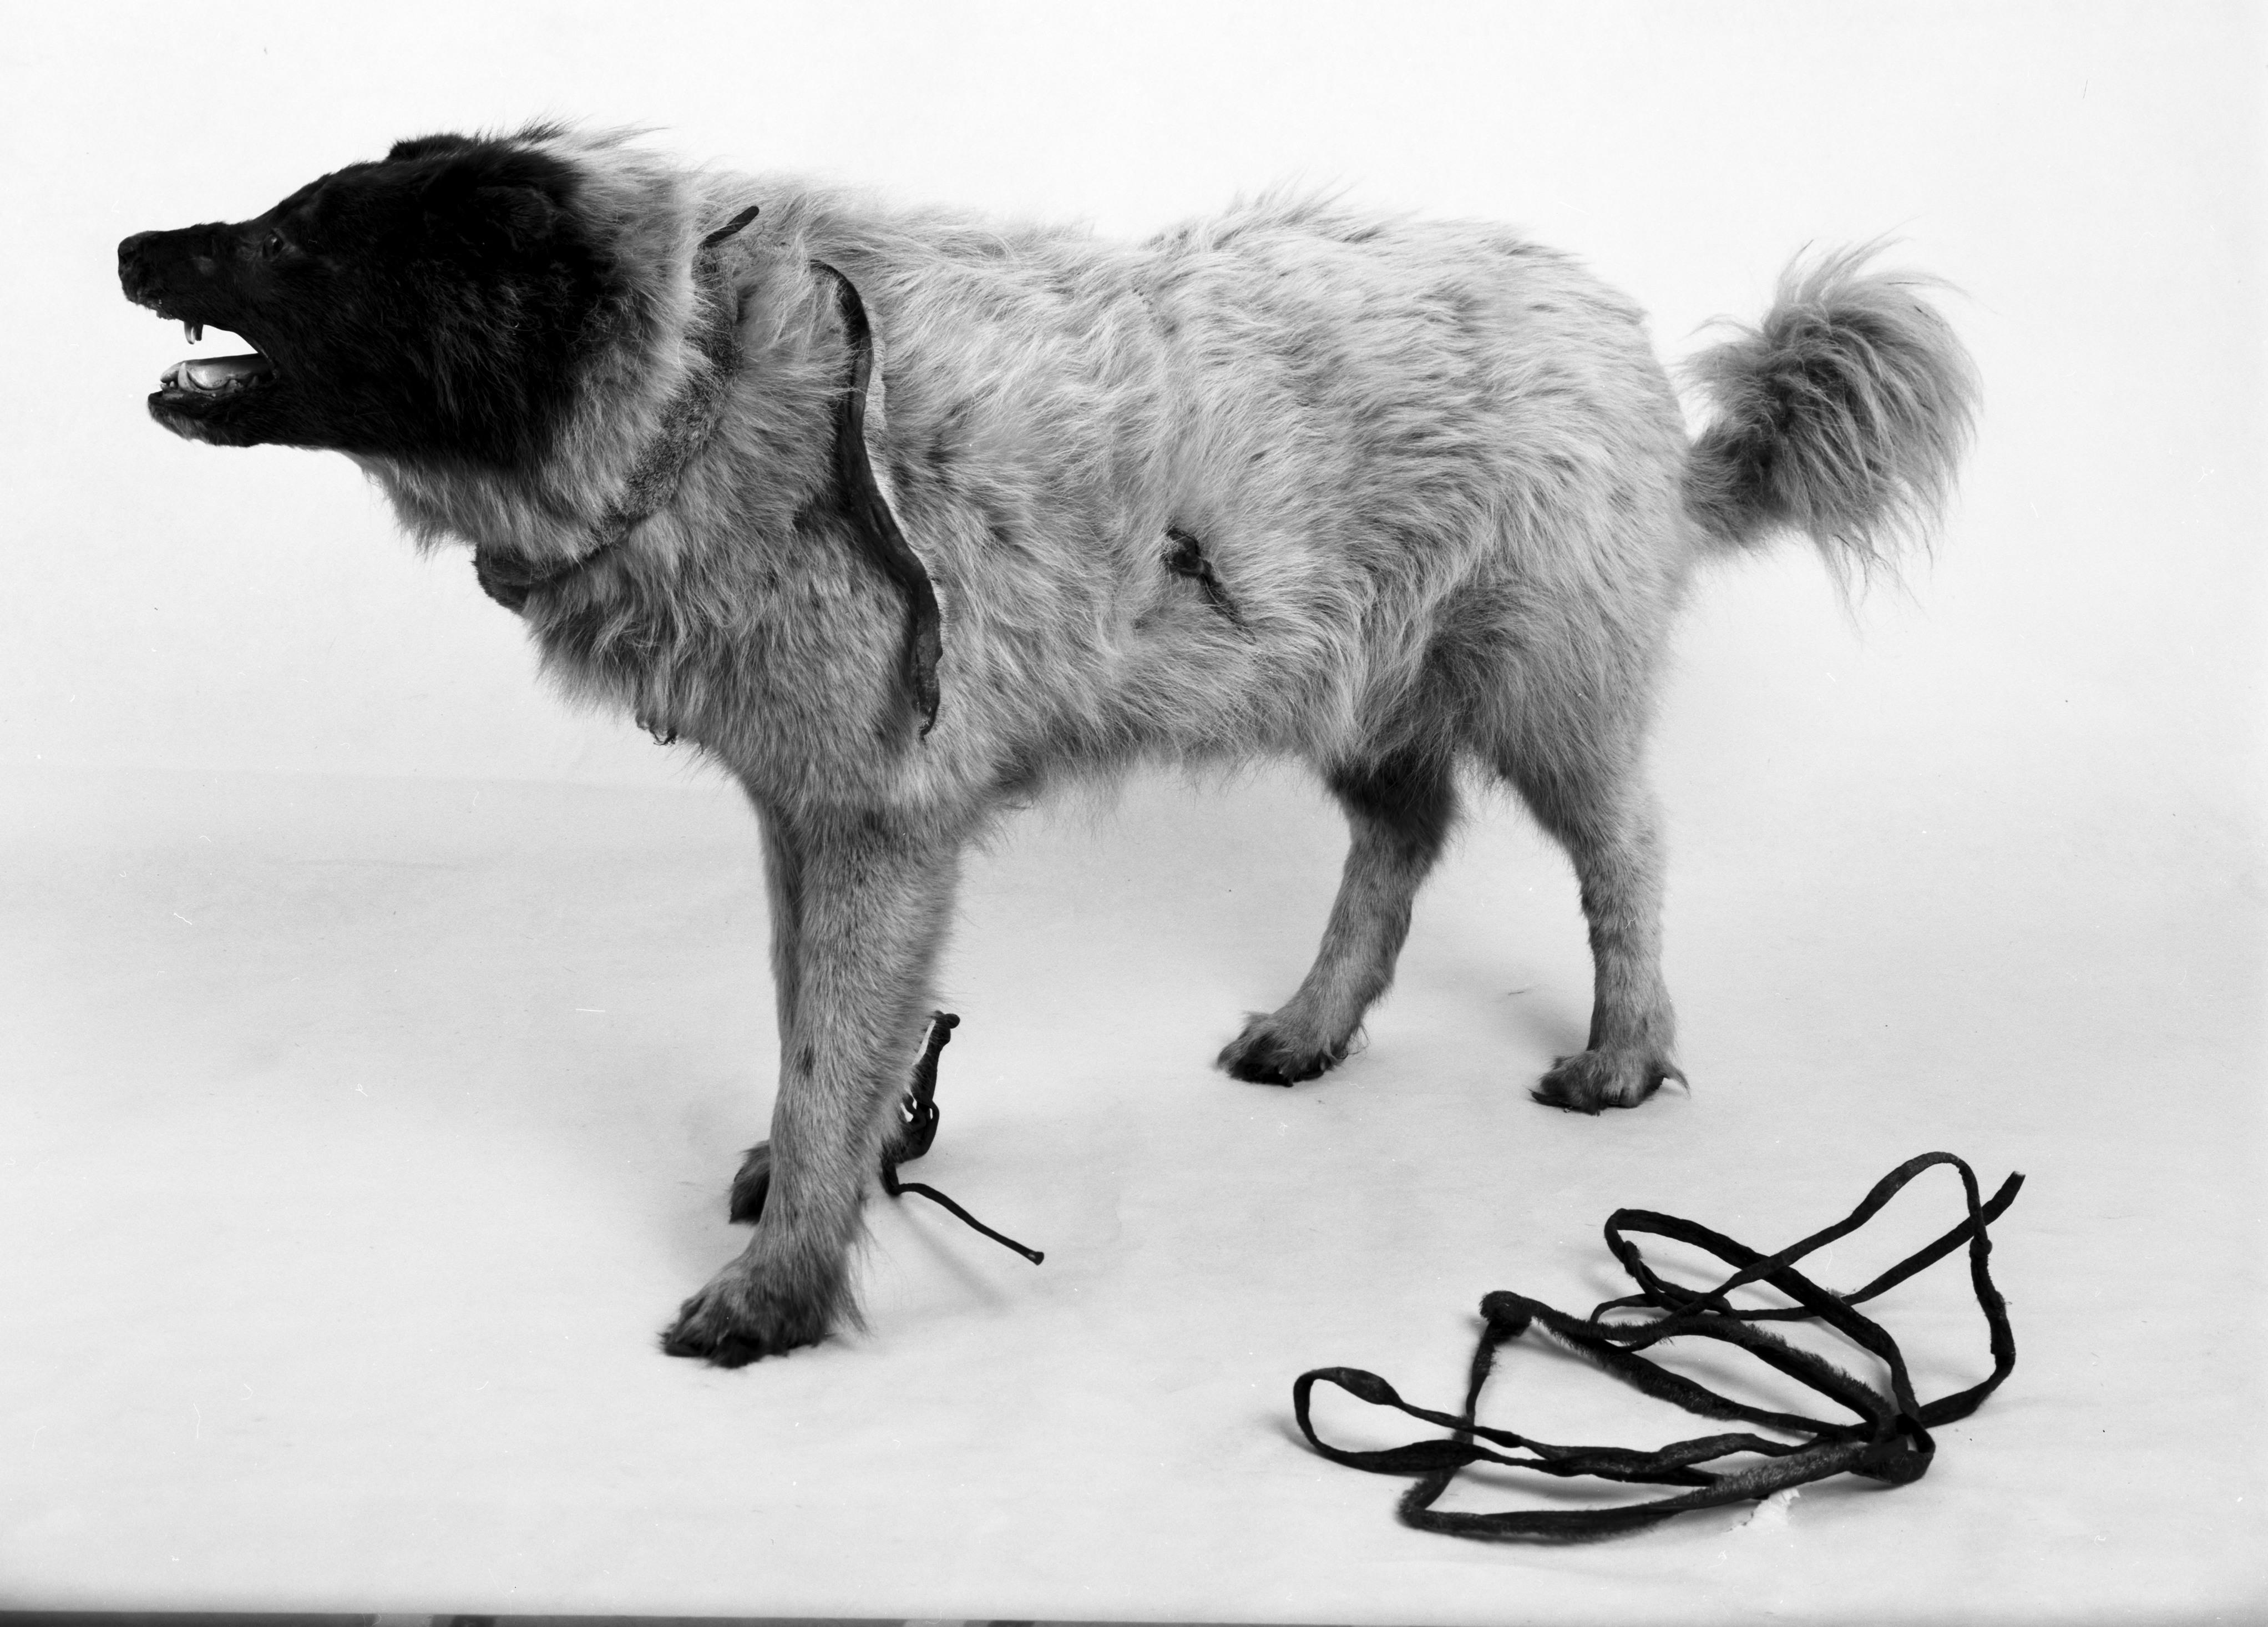 Utstoppet hund med hundesele